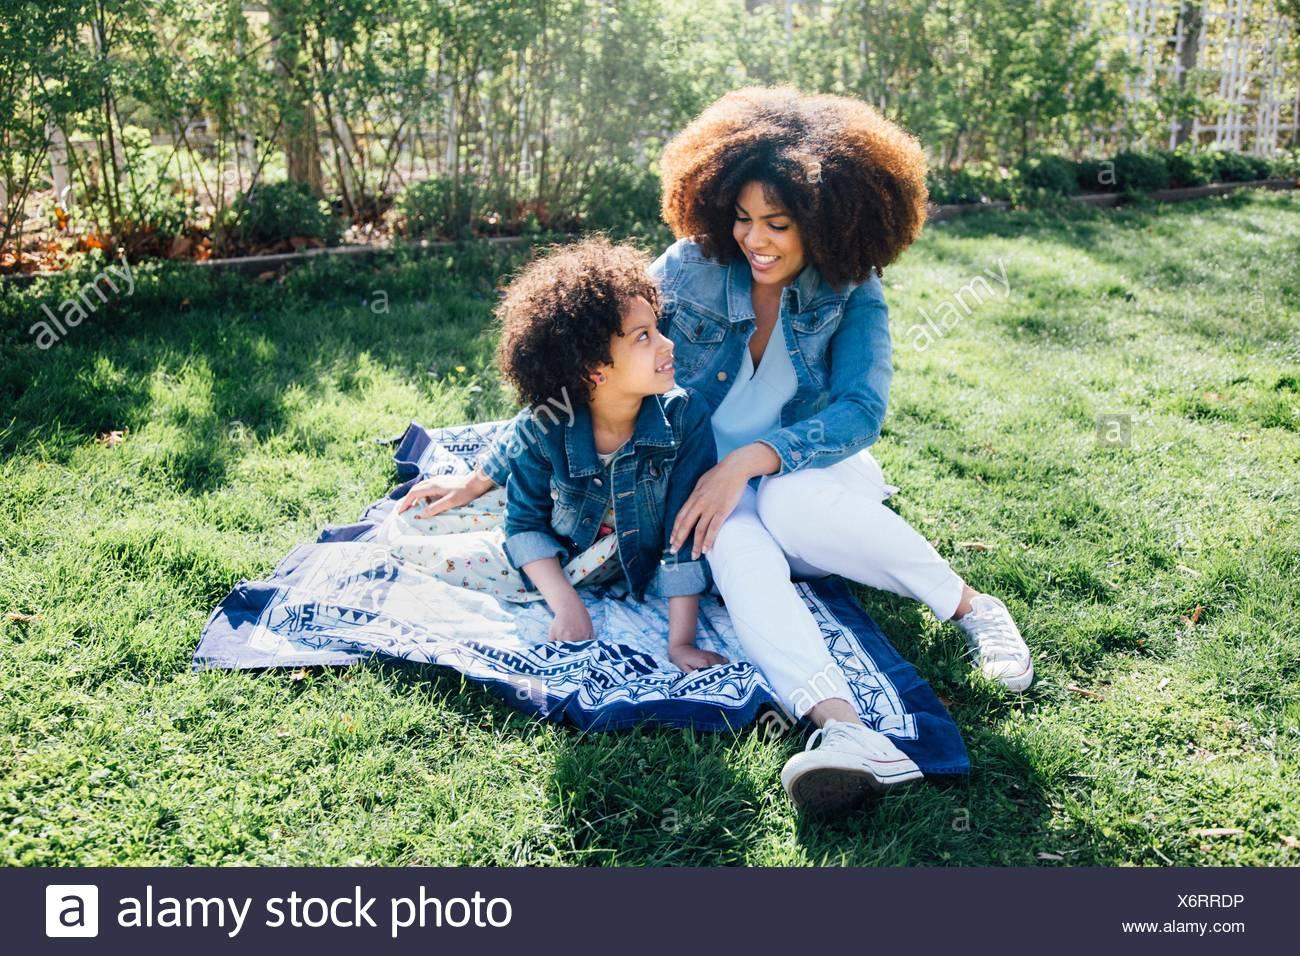 Mutter mit Arm um Tochter sitzen auf Decke Stockbild